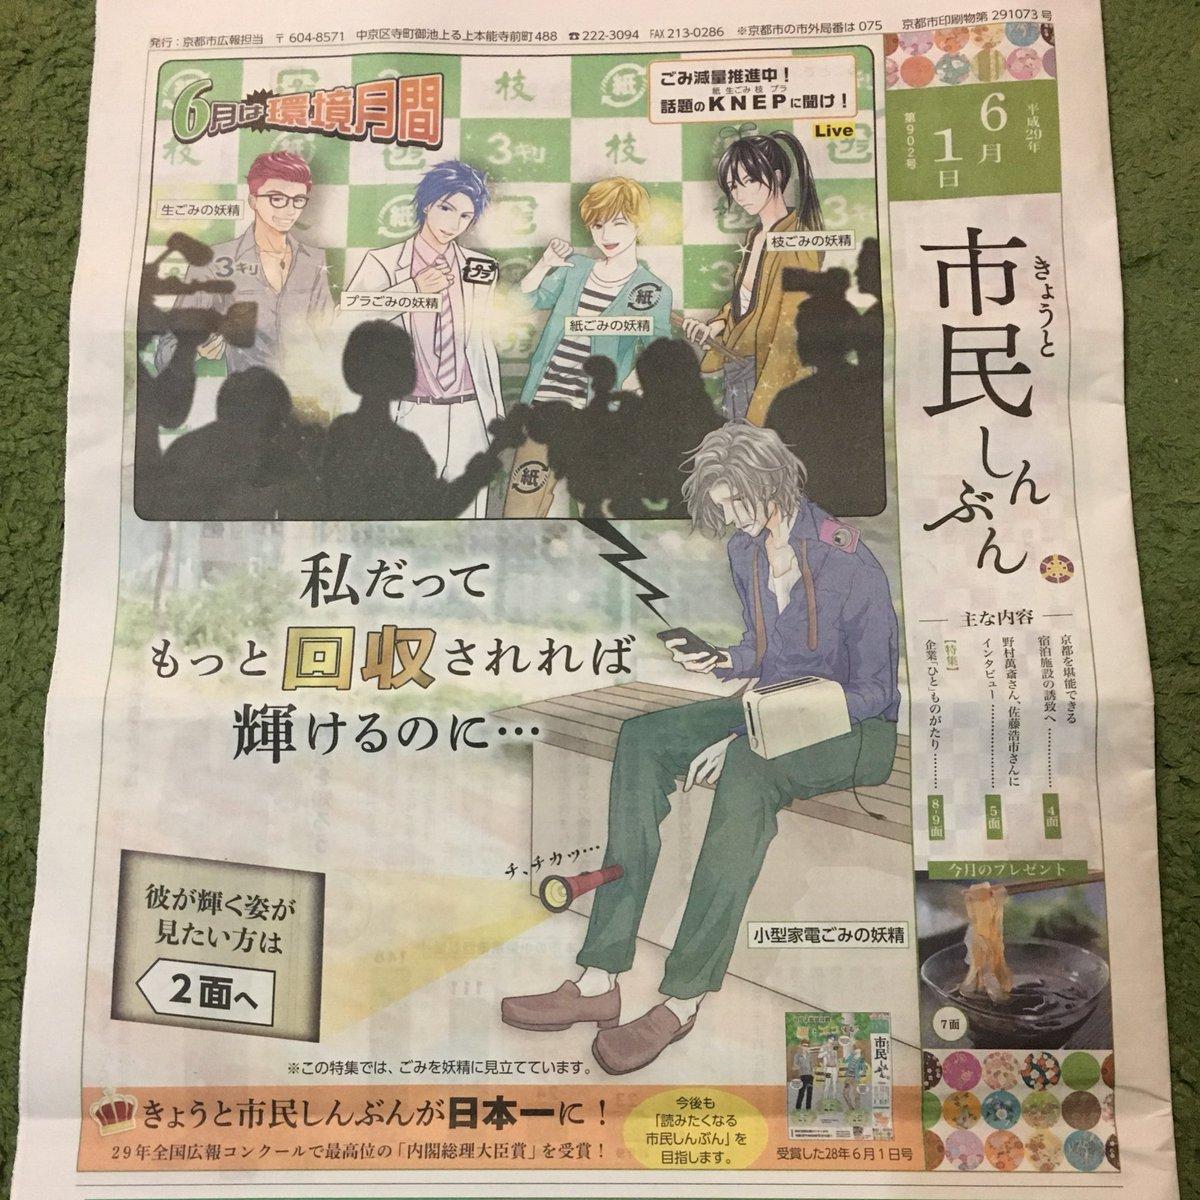 京都市民新聞がえらいことになってる上に、母上が「小型家電、回収される前の方がいい」とか言い出して、死ぬほど笑ってるなう。